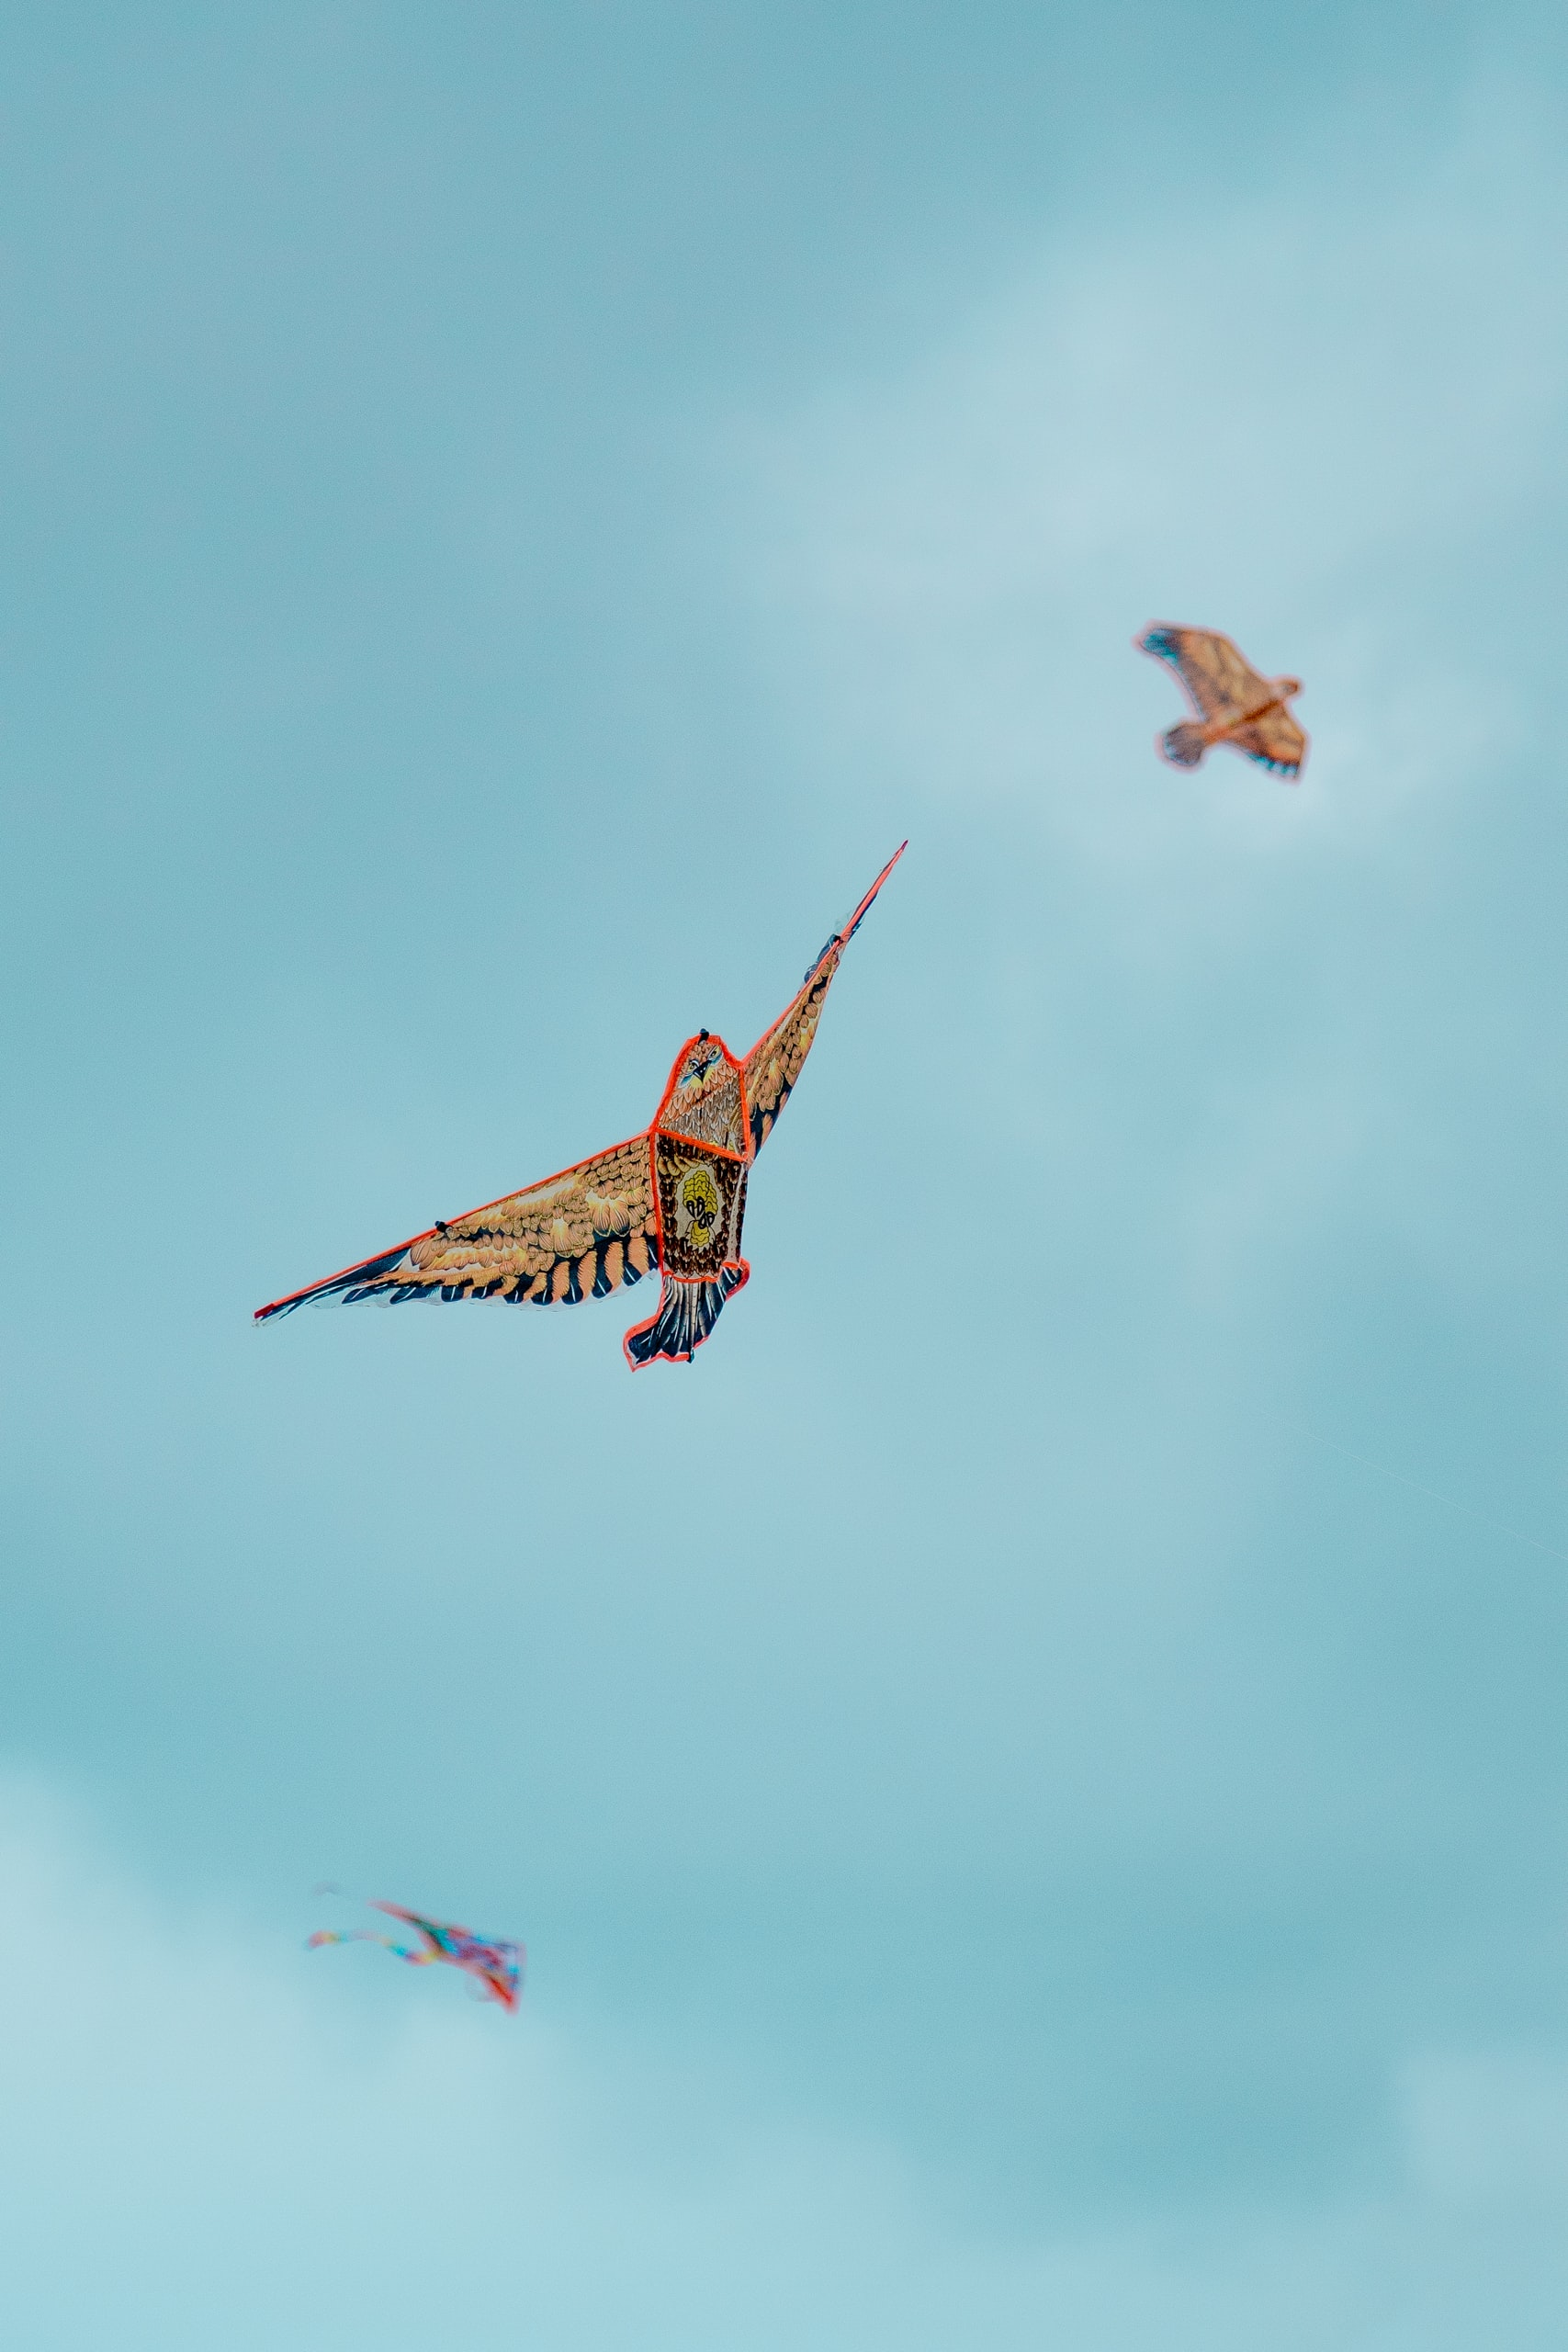 tilt shift lens photography of three kites